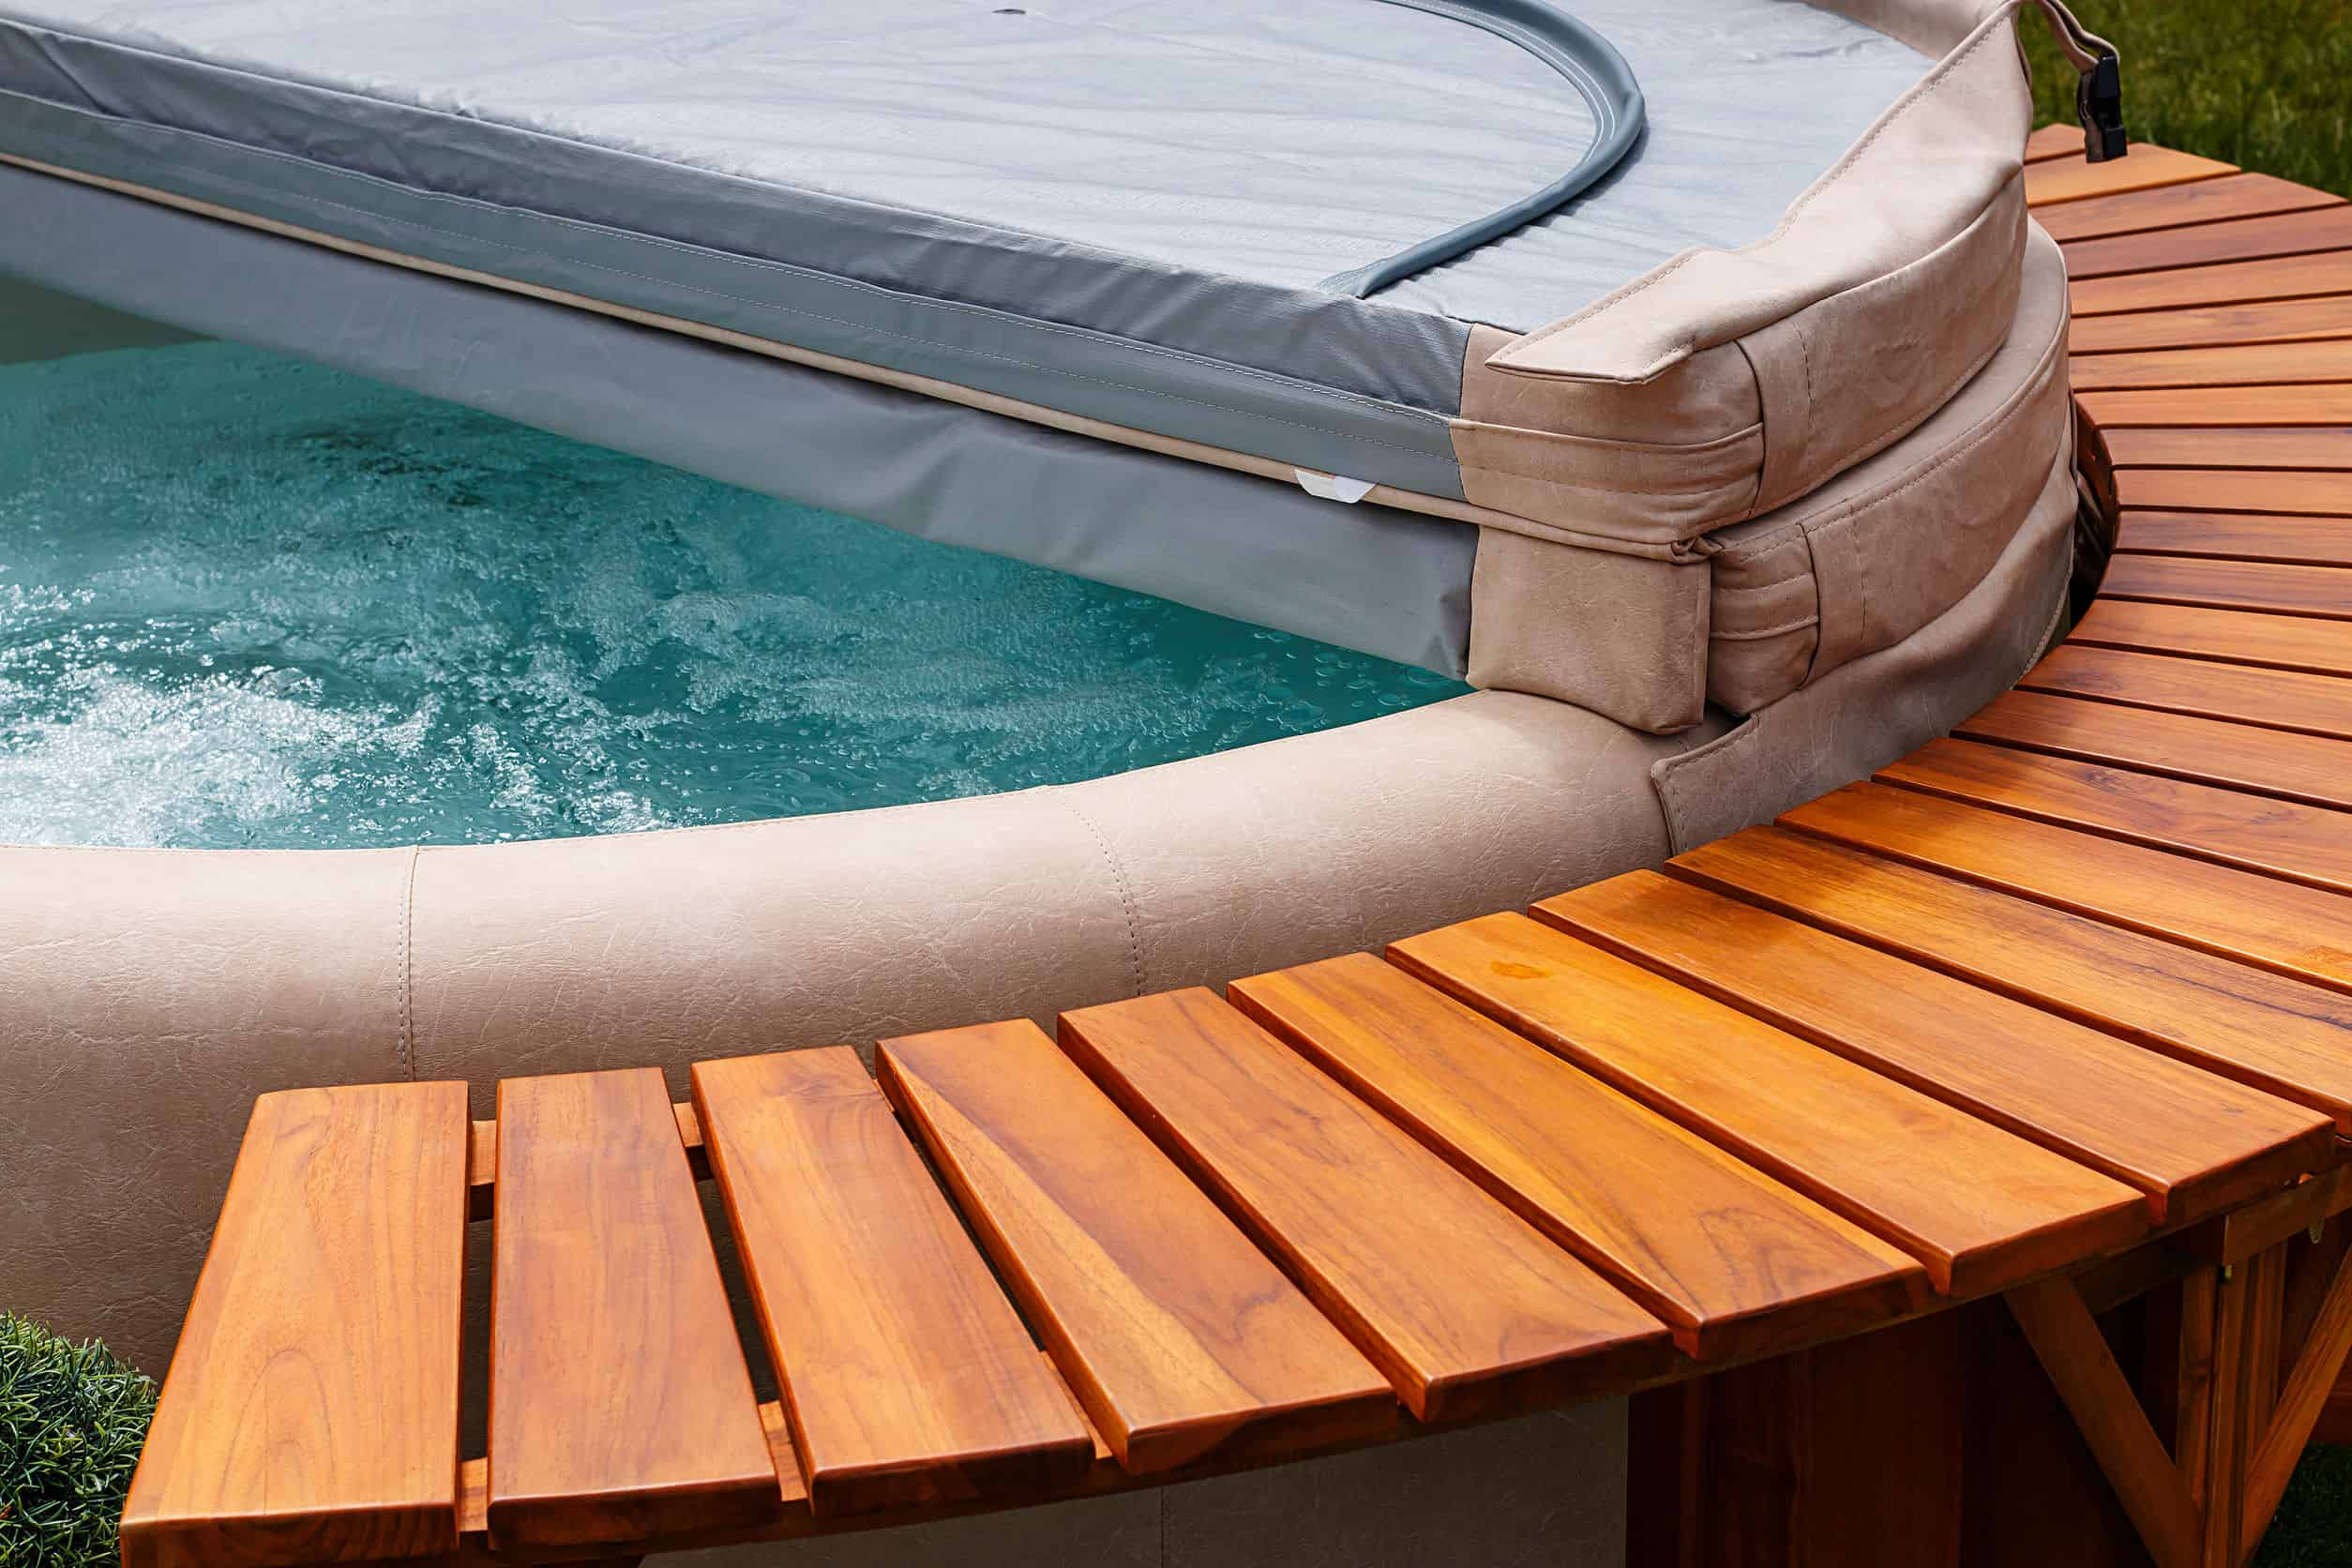 Full Size of Pool Kaufen Billig Holz Alu Fenster Vor Und Nachteile Preise Whirlpool Garten Aufblasbar Schüco Amerikanische Küche Tipps Betten Günstig 180x200 Big Sofa Wohnzimmer Pool Kaufen